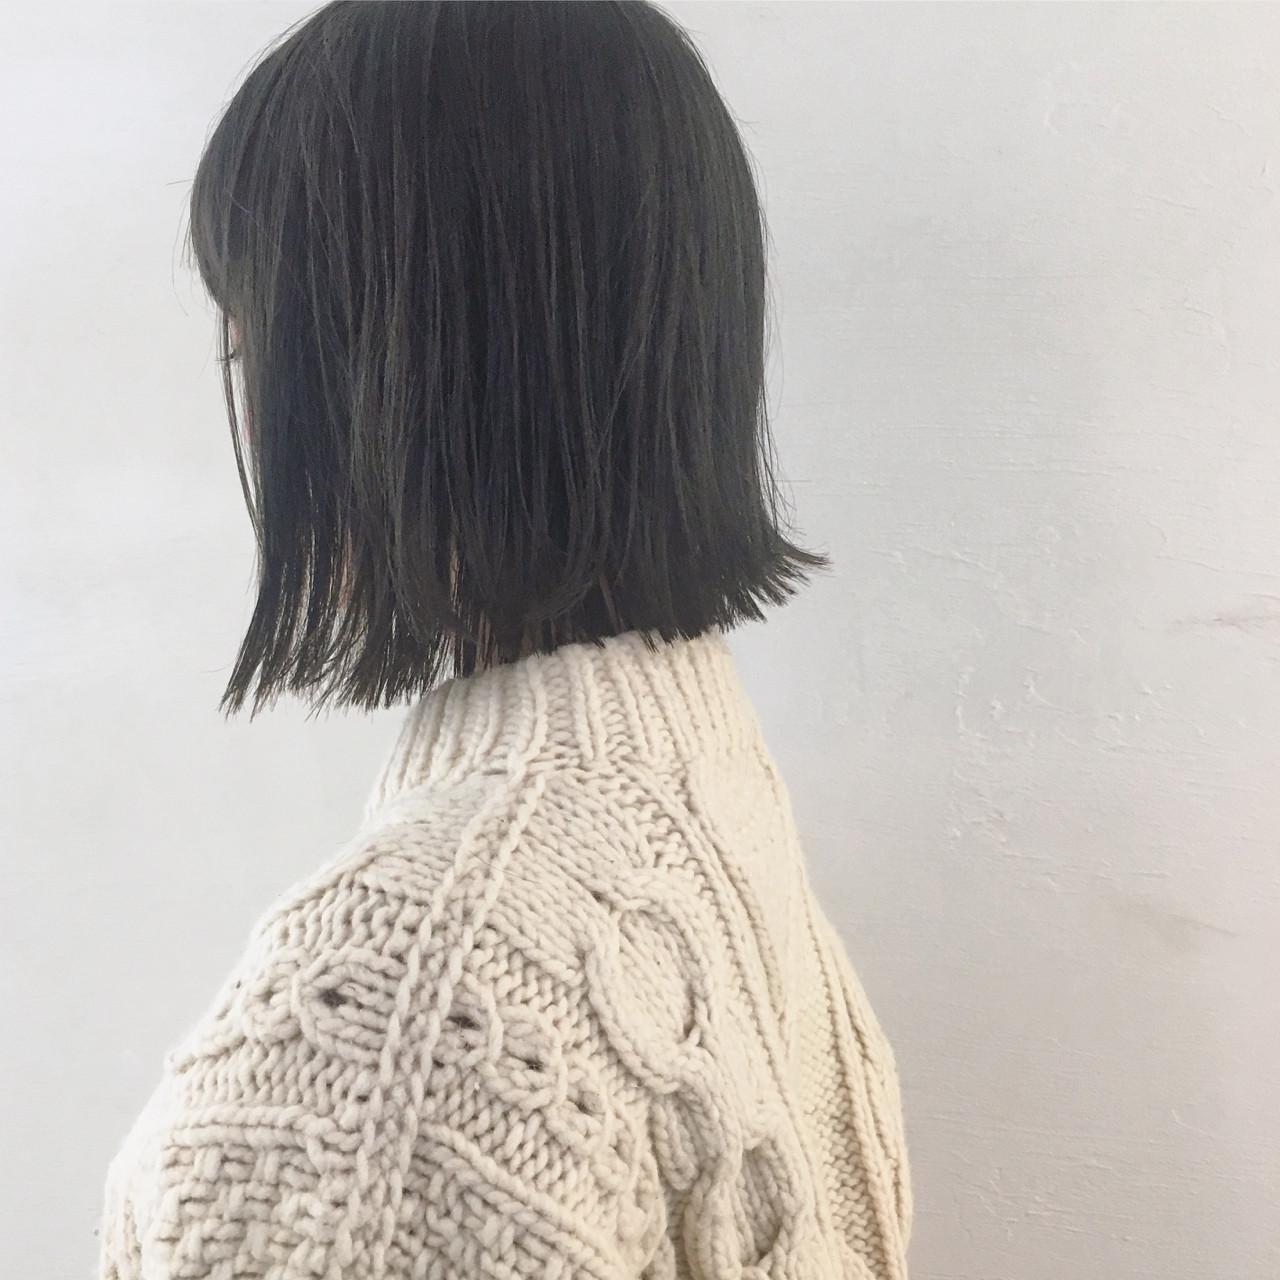 ウェットヘア 黒髪 色気 切りっぱなし ヘアスタイルや髪型の写真・画像